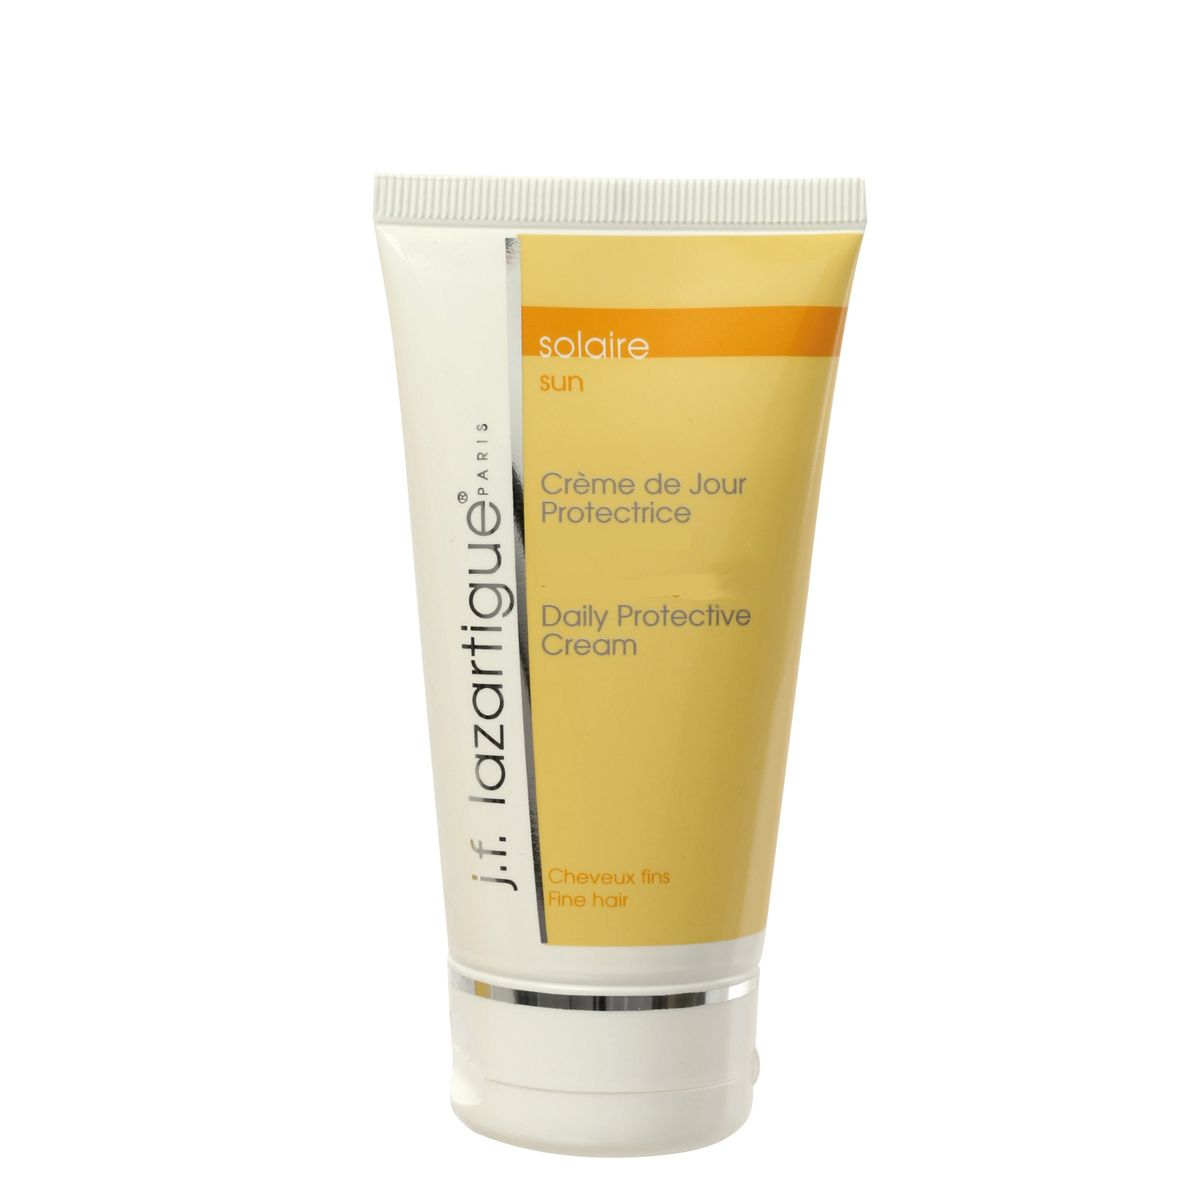 J.F.Lazartigue Солнцезащитный крем для волос для ежедневного использования 75 мл1613480/176414 СТИККрем легкой текстуры (крем-гель), обогащенный маслами макадамии и малины, питает волосы, делает их более послушными. Витамин F защищает волосы от внешних агрессивных факторов (загрязнений окружающей среды, ветра, солнечных лучей, морской воды и т.п.). Солнцезащитные фильтры (в том числе натуральные – экстракт подсолнечника) предотвращают выгорание волос после длительного пребывания на солнце. Крем помогает контролировать накопление в волосах статического электричества. Не утяжеляет волосы. Рекомендуется для тонких, сухих и тусклых волос.